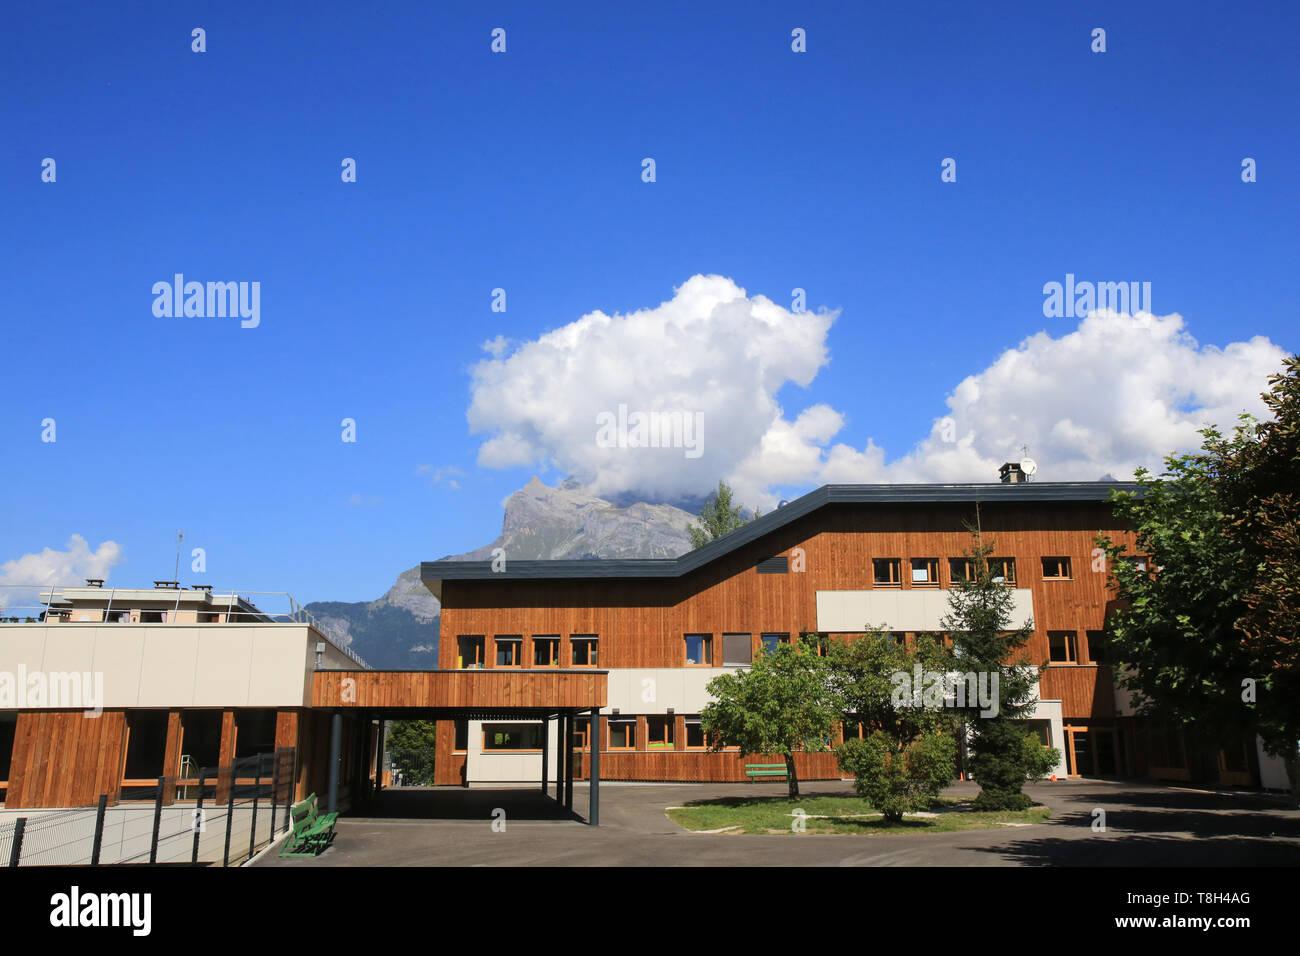 Ecole Marie-Paradis. Saint-Gervais-les-Bains. - Stock Image